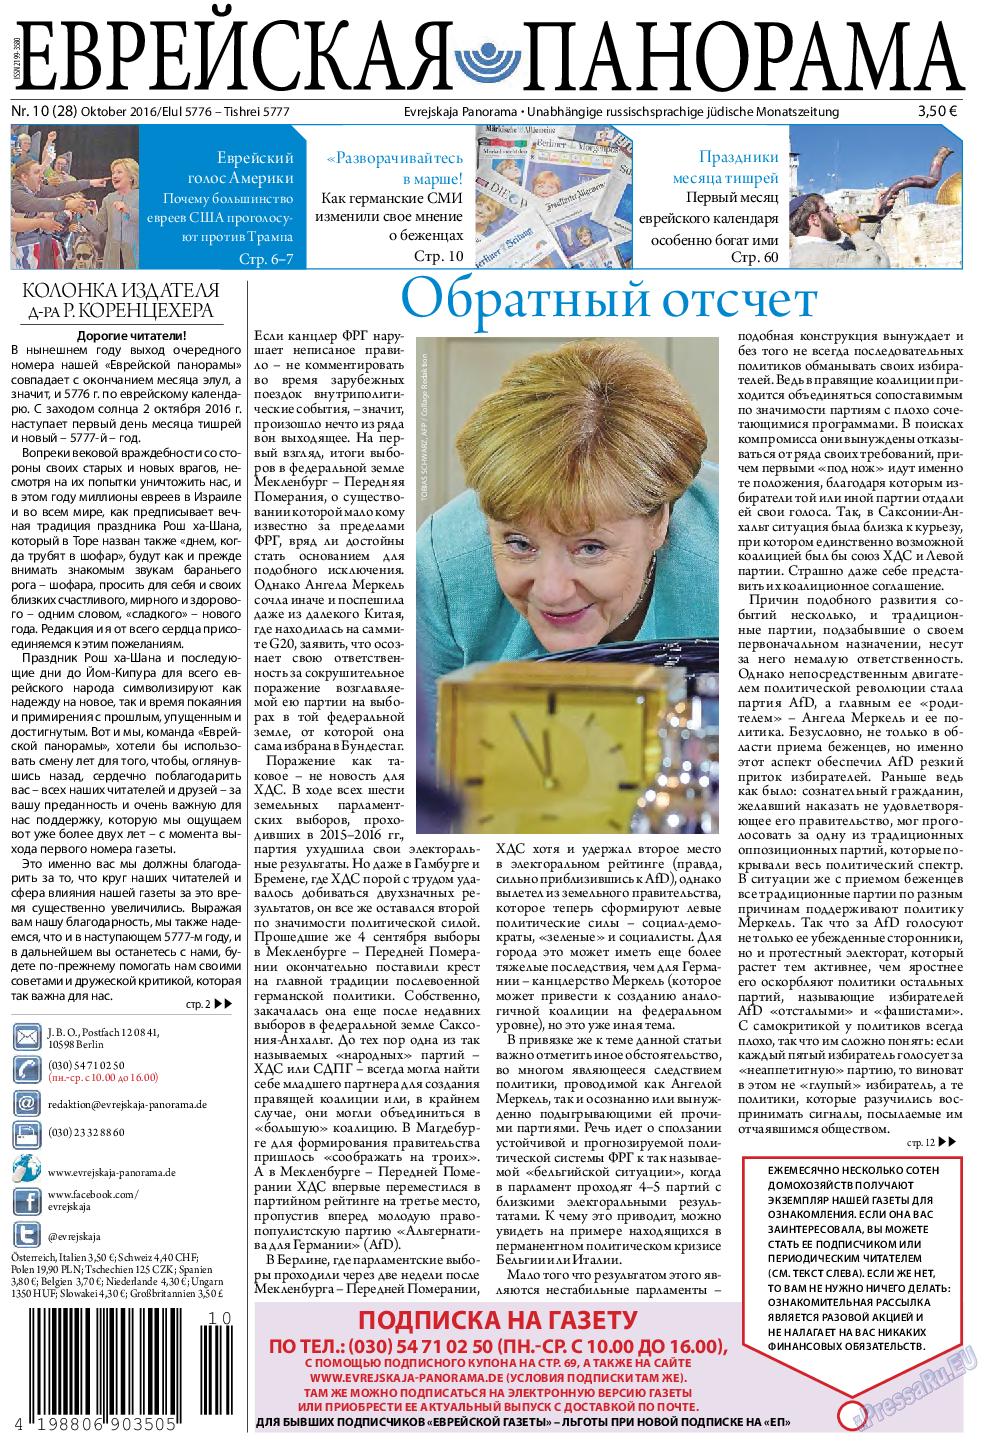 Еврейская панорама (газета). 2016 год, номер 10, стр. 1